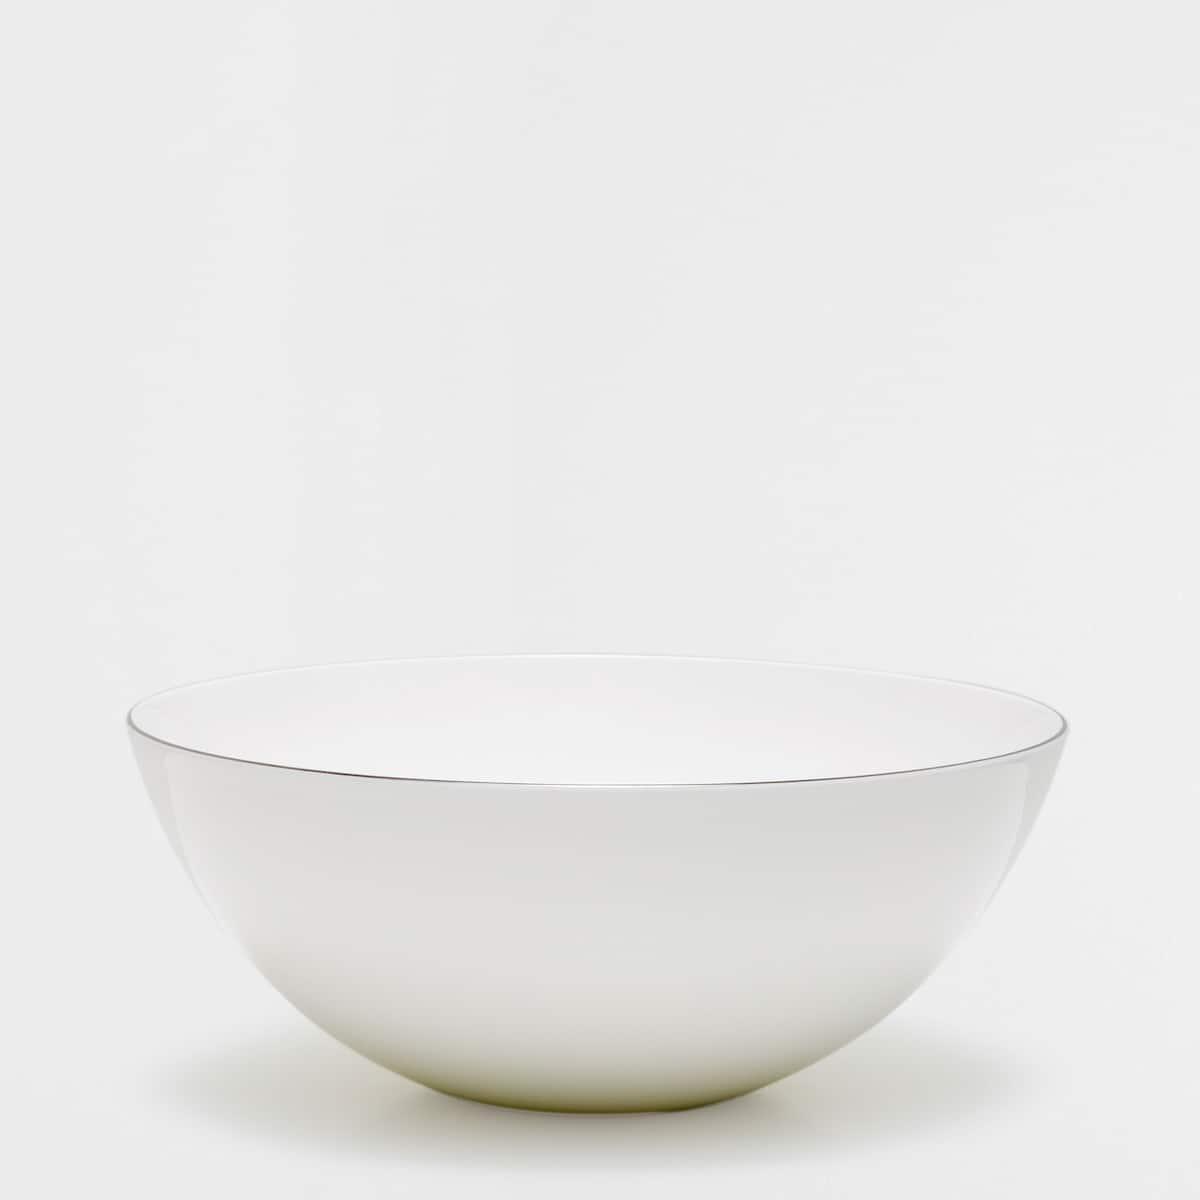 Afbeelding 1 van het product Bone china slakom met zilverkleurige rand